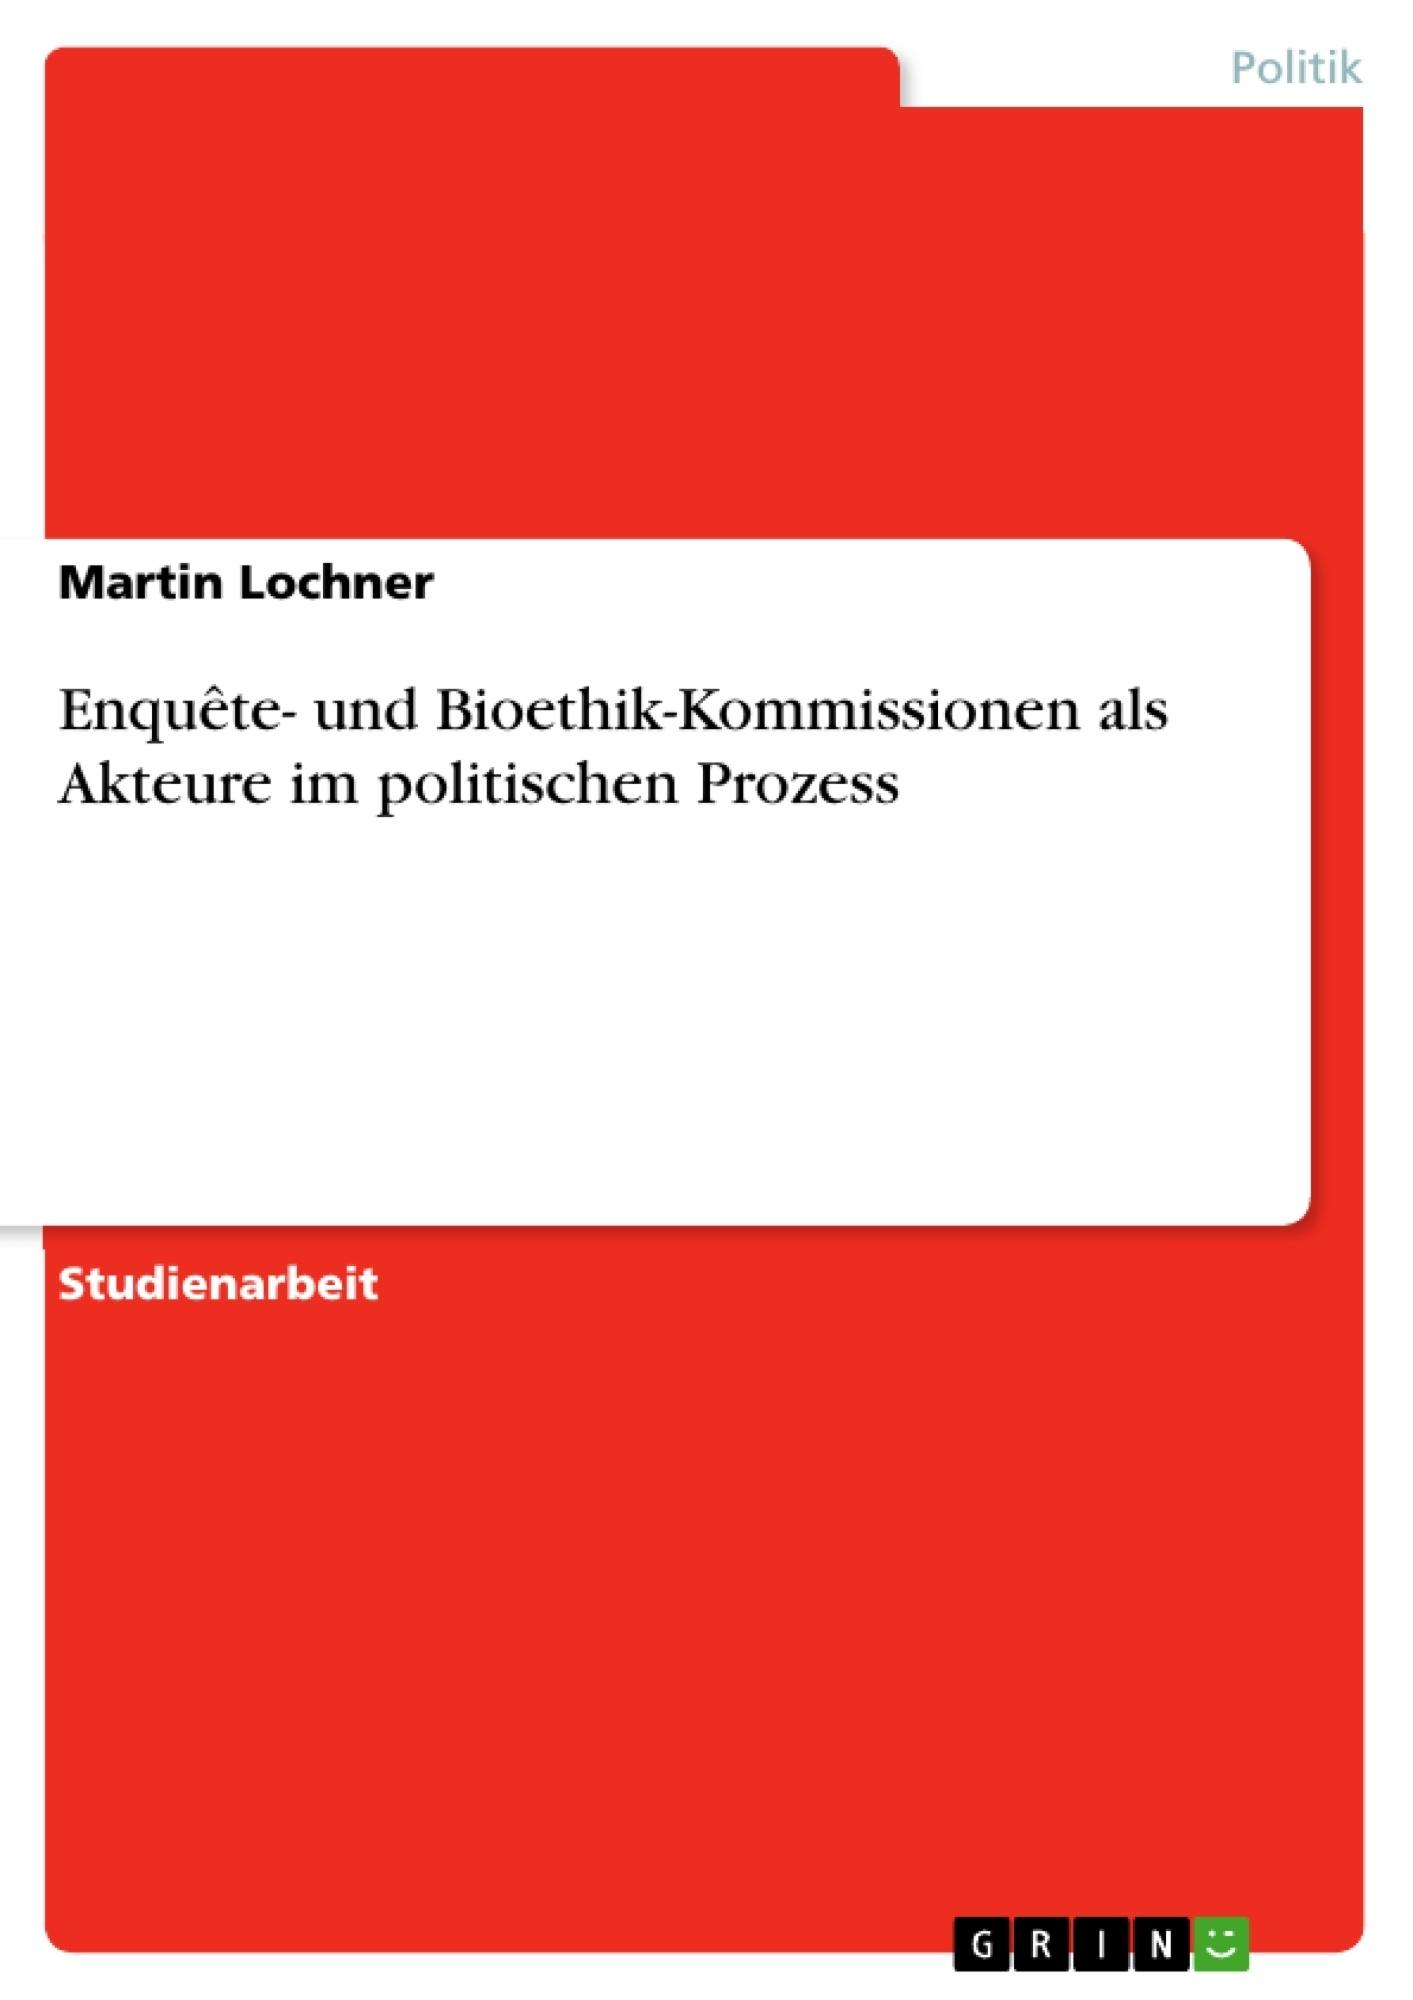 Titel: Enquête- und Bioethik-Kommissionen als Akteure im politischen Prozess